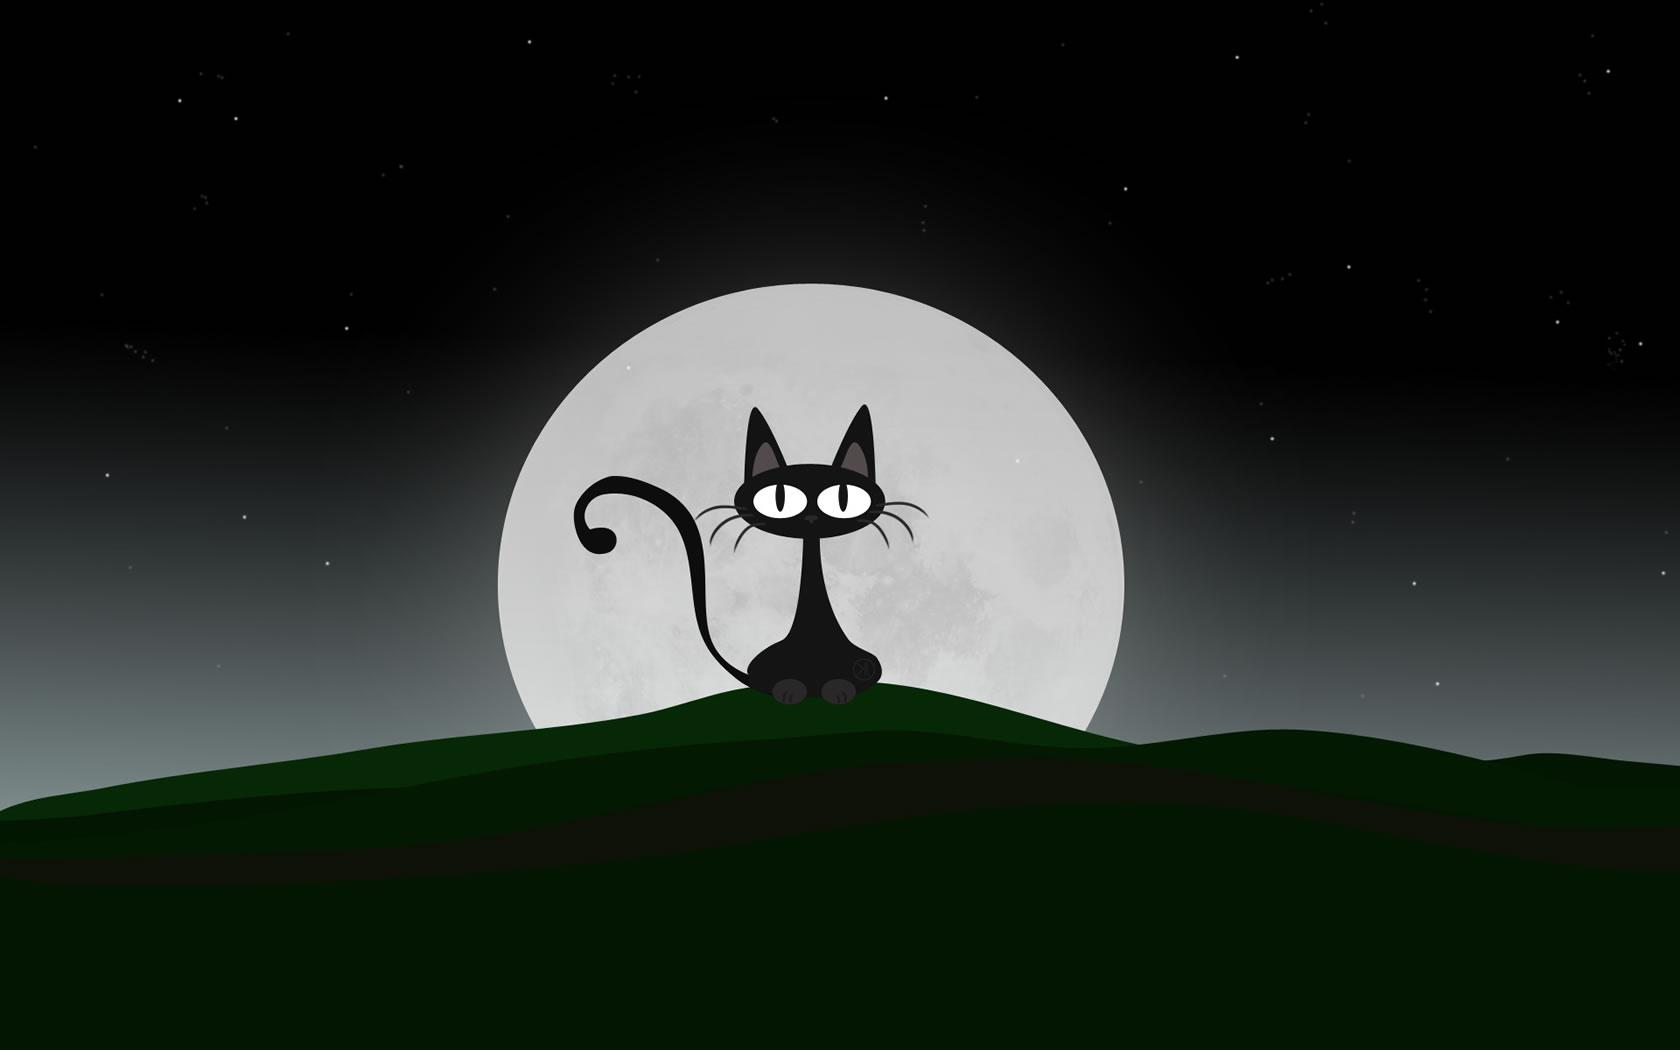 Cute Cartoon Cat Wallpaper 1680x1050